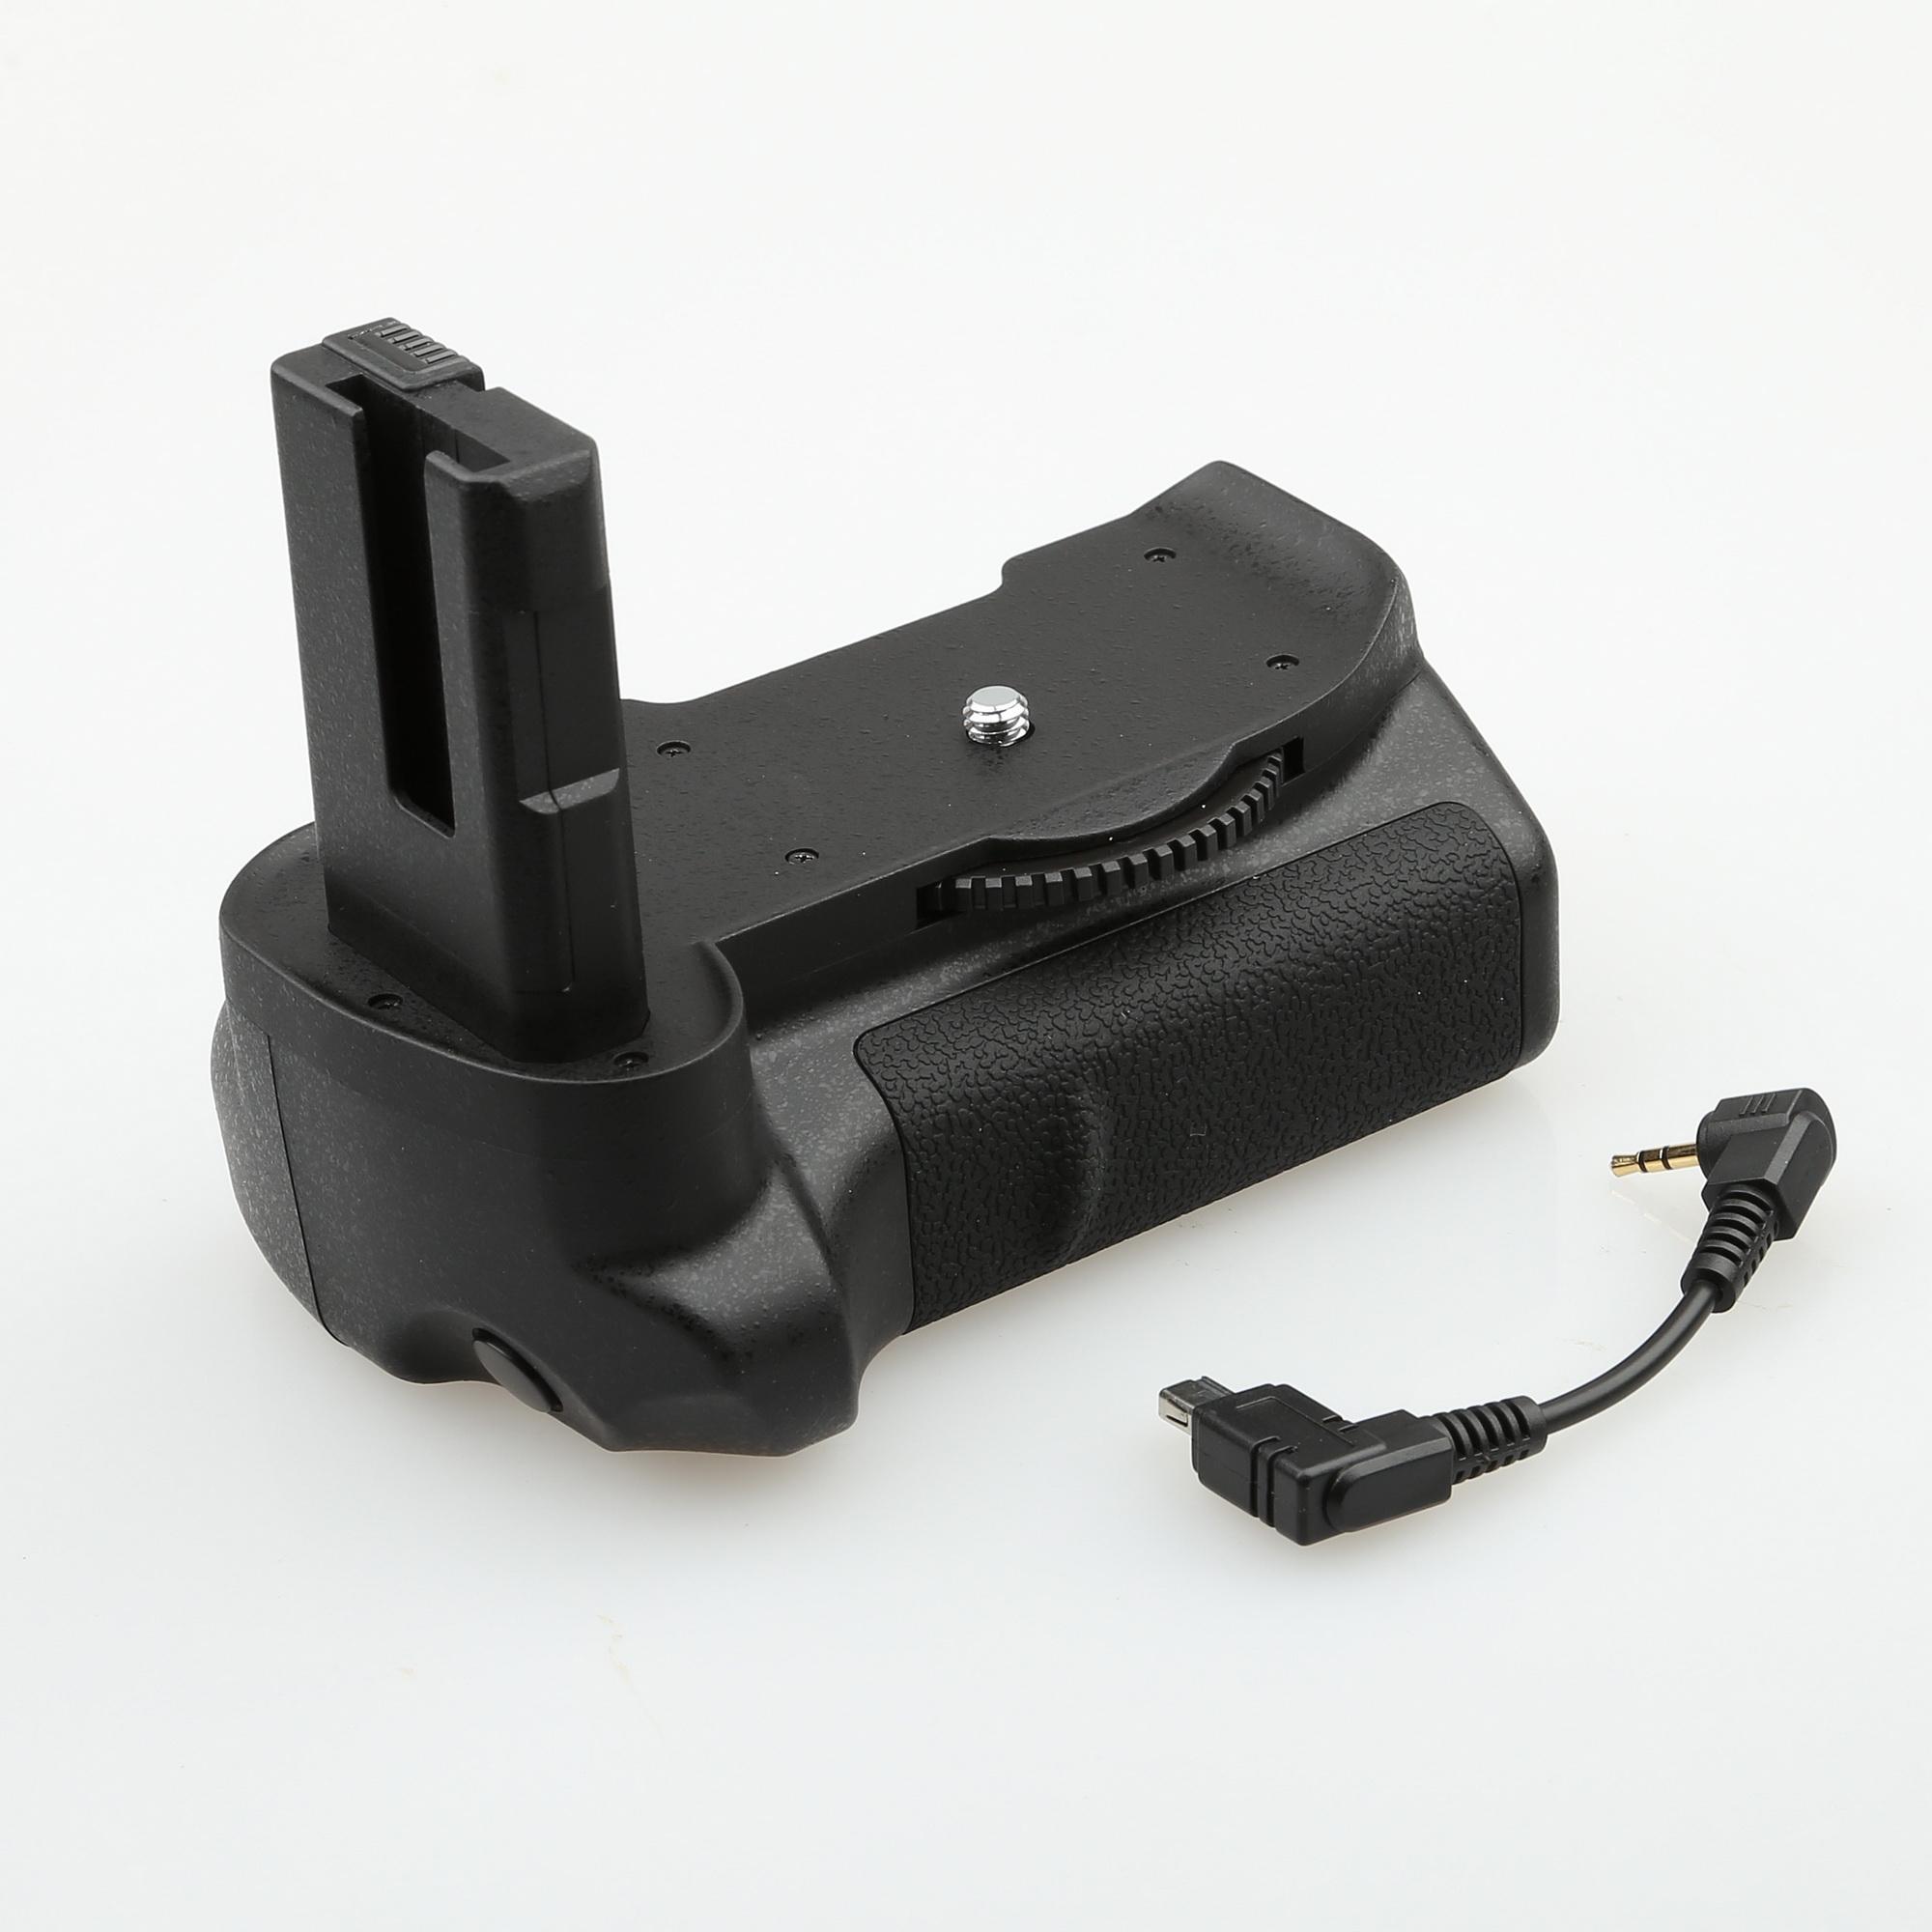 Vertical Battery Grip Holder For Nikon D5100/D5200 Vertical Shoot Shutter